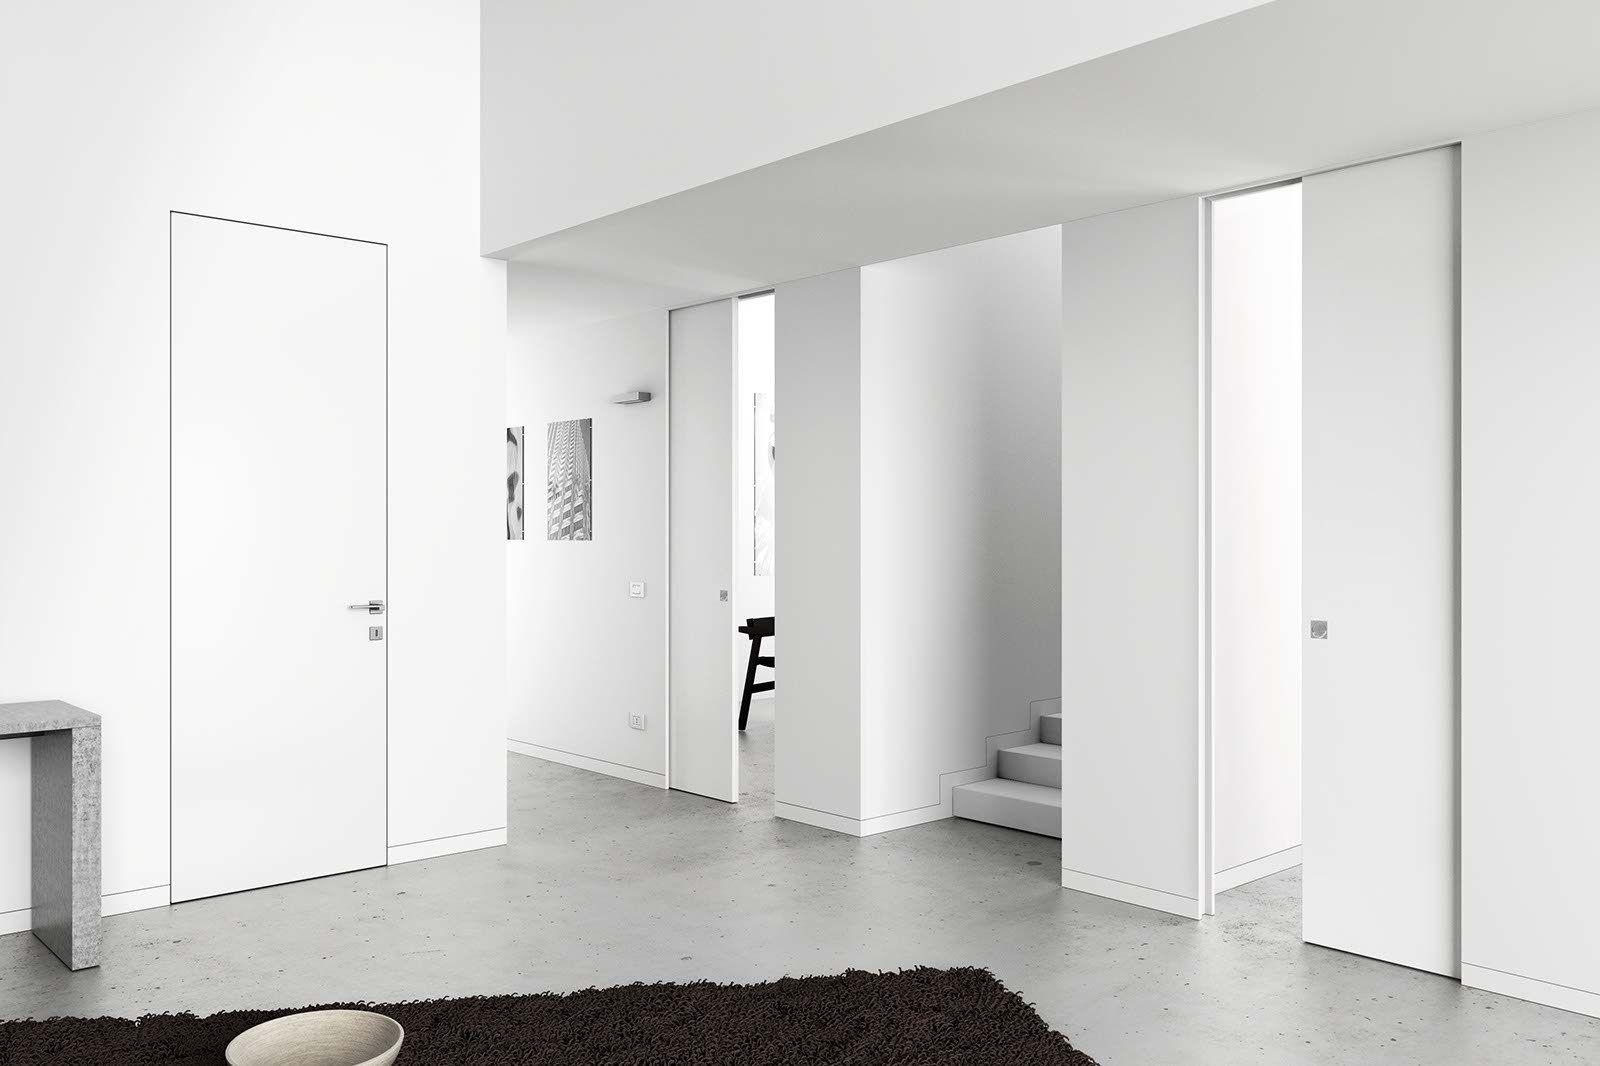 drzwi ukryte wroc aw bezo cie nicowe przesuwne z lustrem dgd galeria drzwi. Black Bedroom Furniture Sets. Home Design Ideas